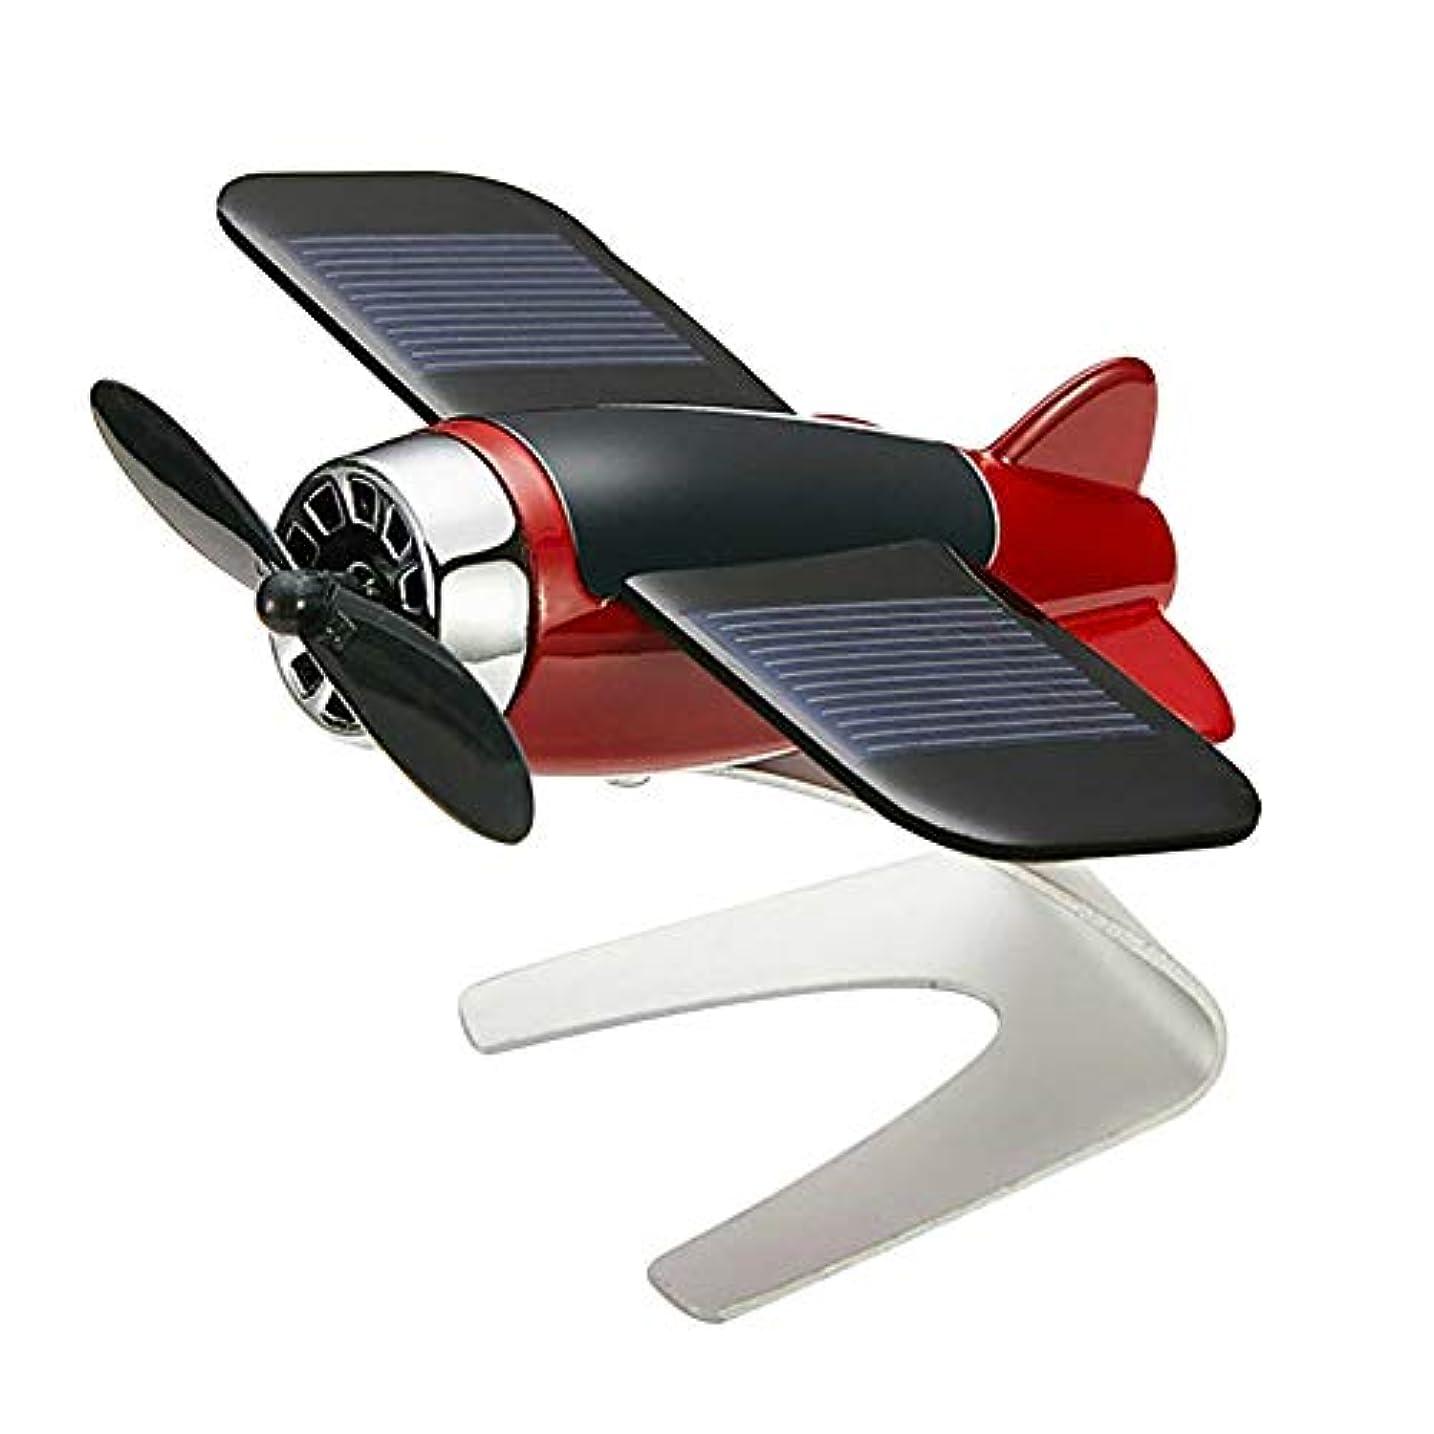 警察署意味のある喉が渇いたSymboat 車の芳香剤飛行機航空機モデル太陽エネルギーアロマテラピー室内装飾